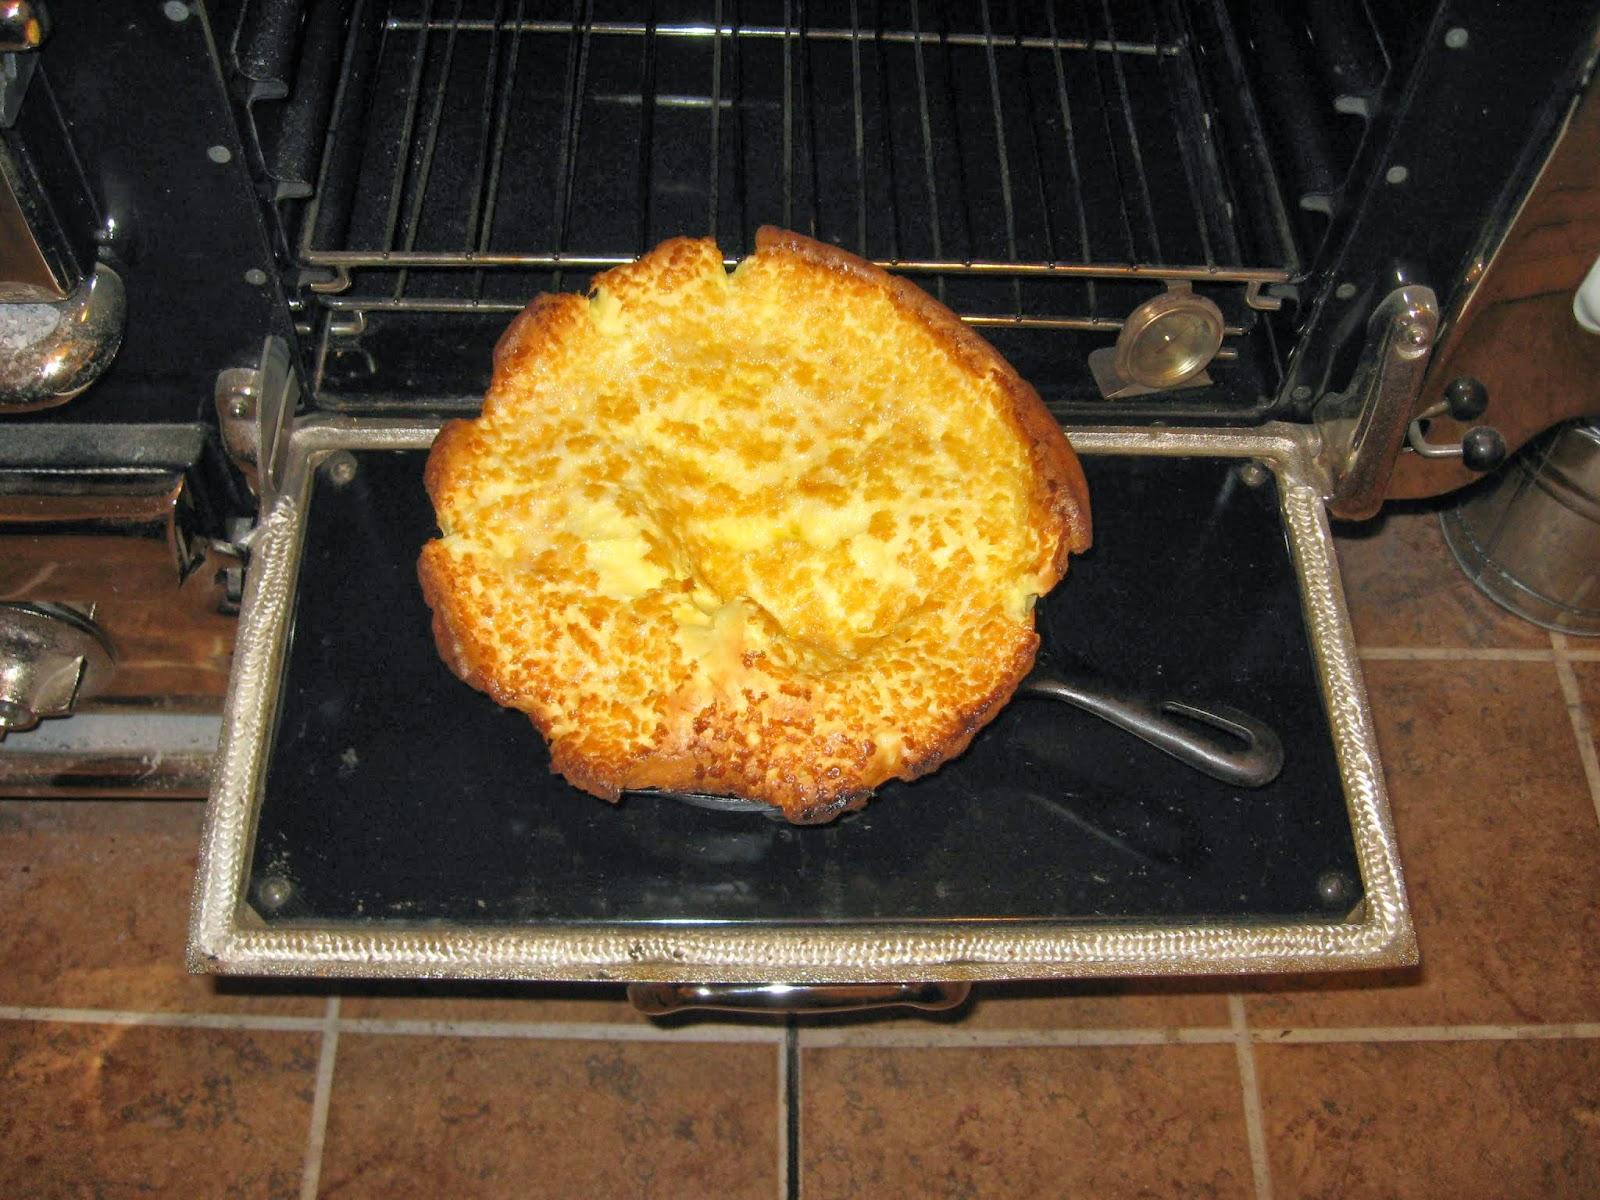 Frying Pan Warped Bottom